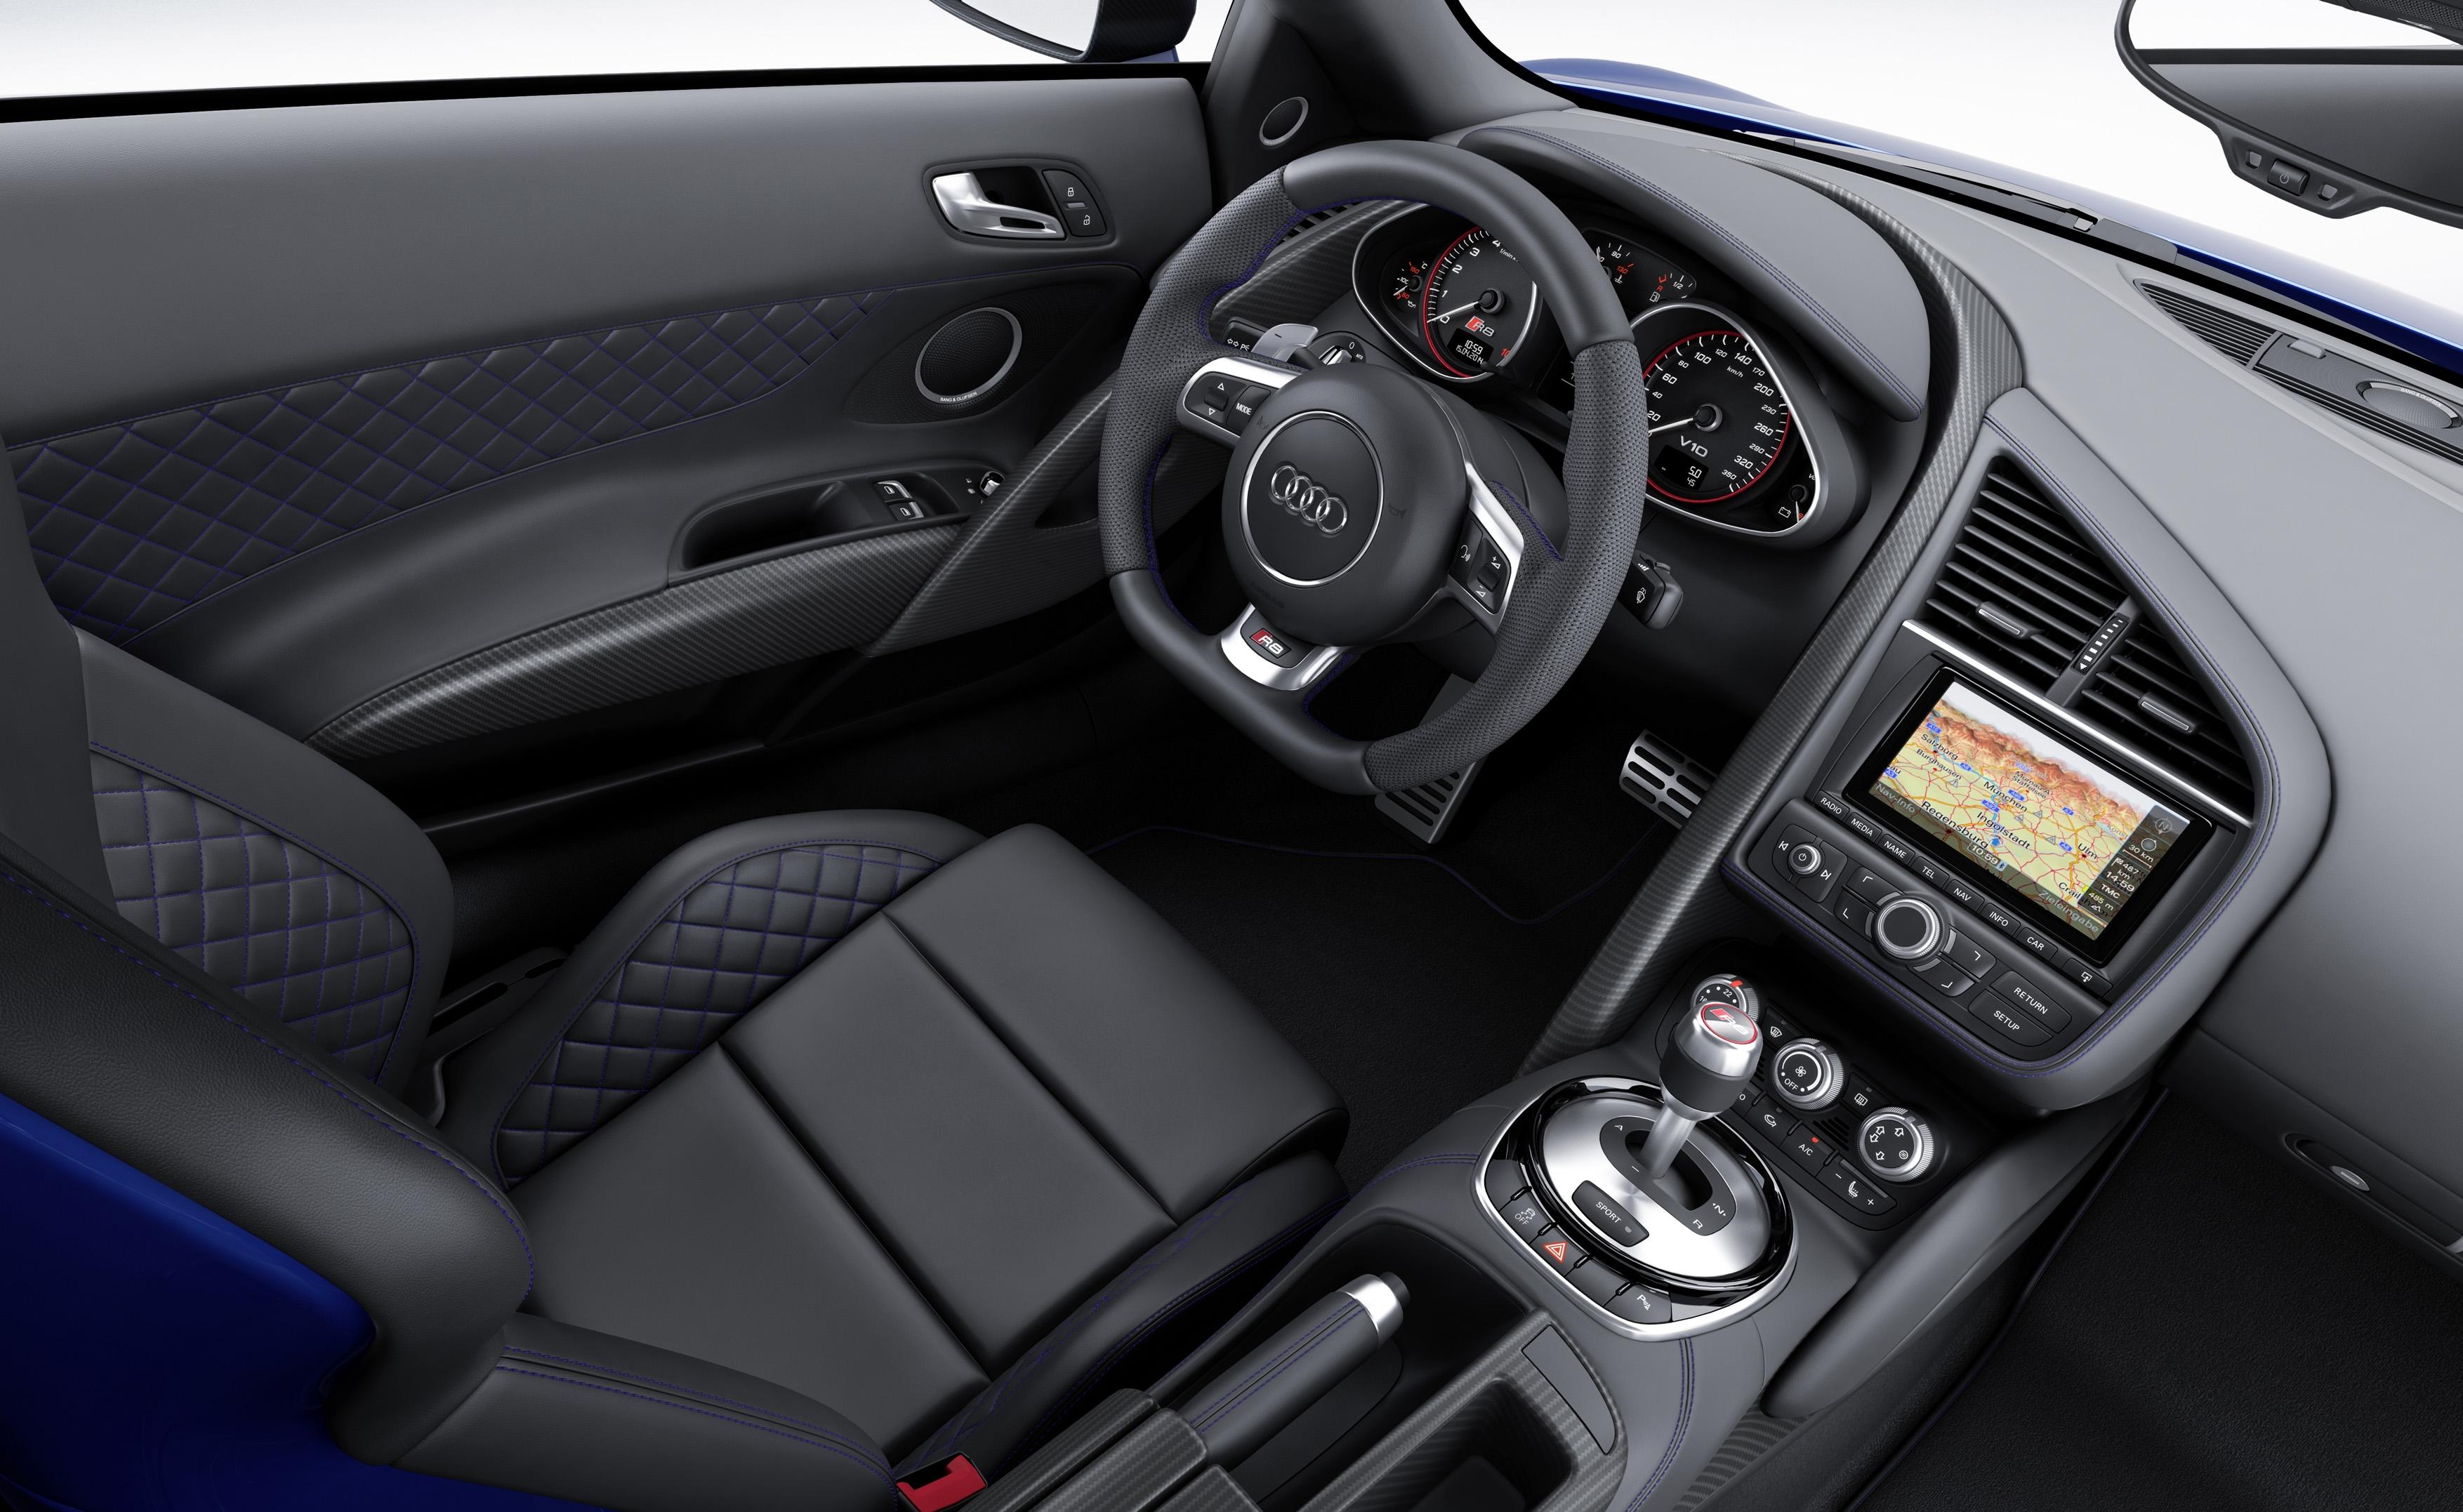 http://images.caradisiac.com/images/4/4/4/7/94447/S0-Audi-lance-la-serie-limitee-R8-LMX-a-feux-laser-321133.jpg